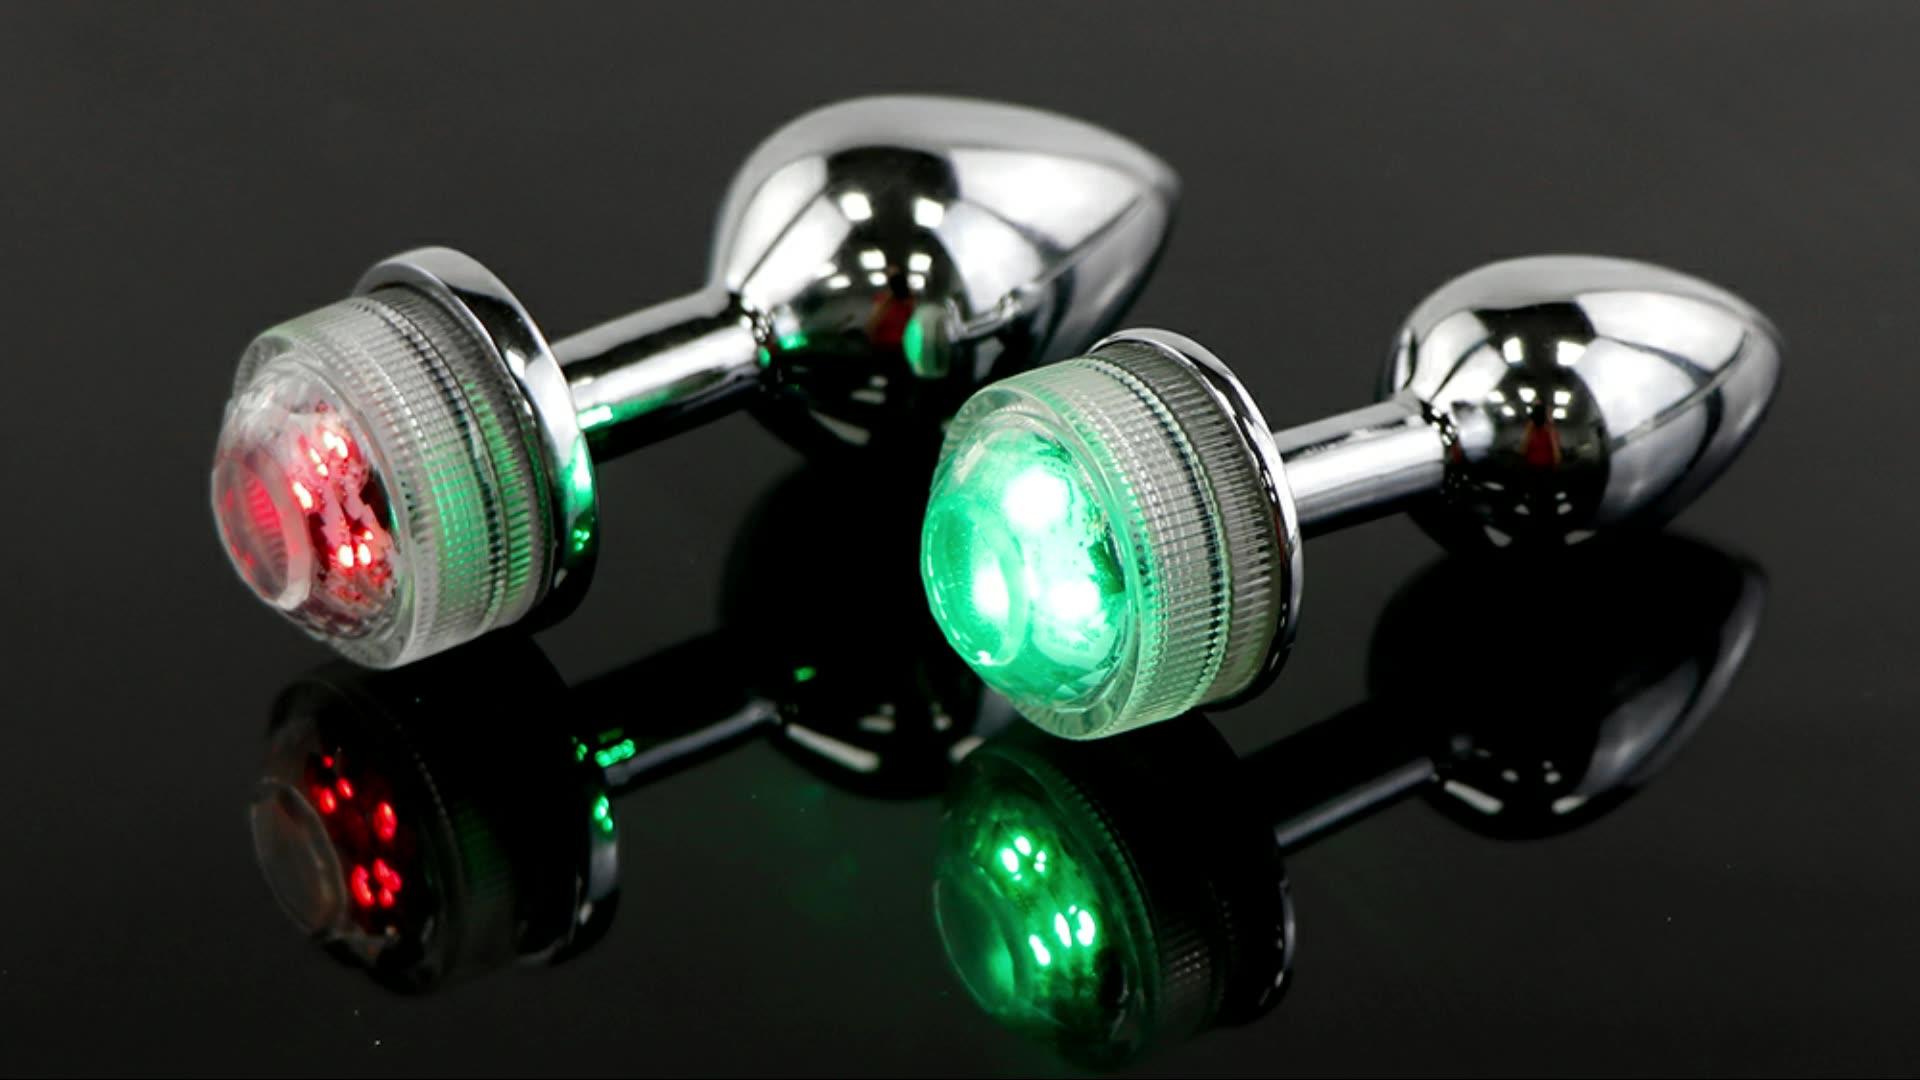 Nueva llegada LED de colores de luz de Control remoto decoloración a tope de acero inoxidable ano cuentas masajeador de próstata